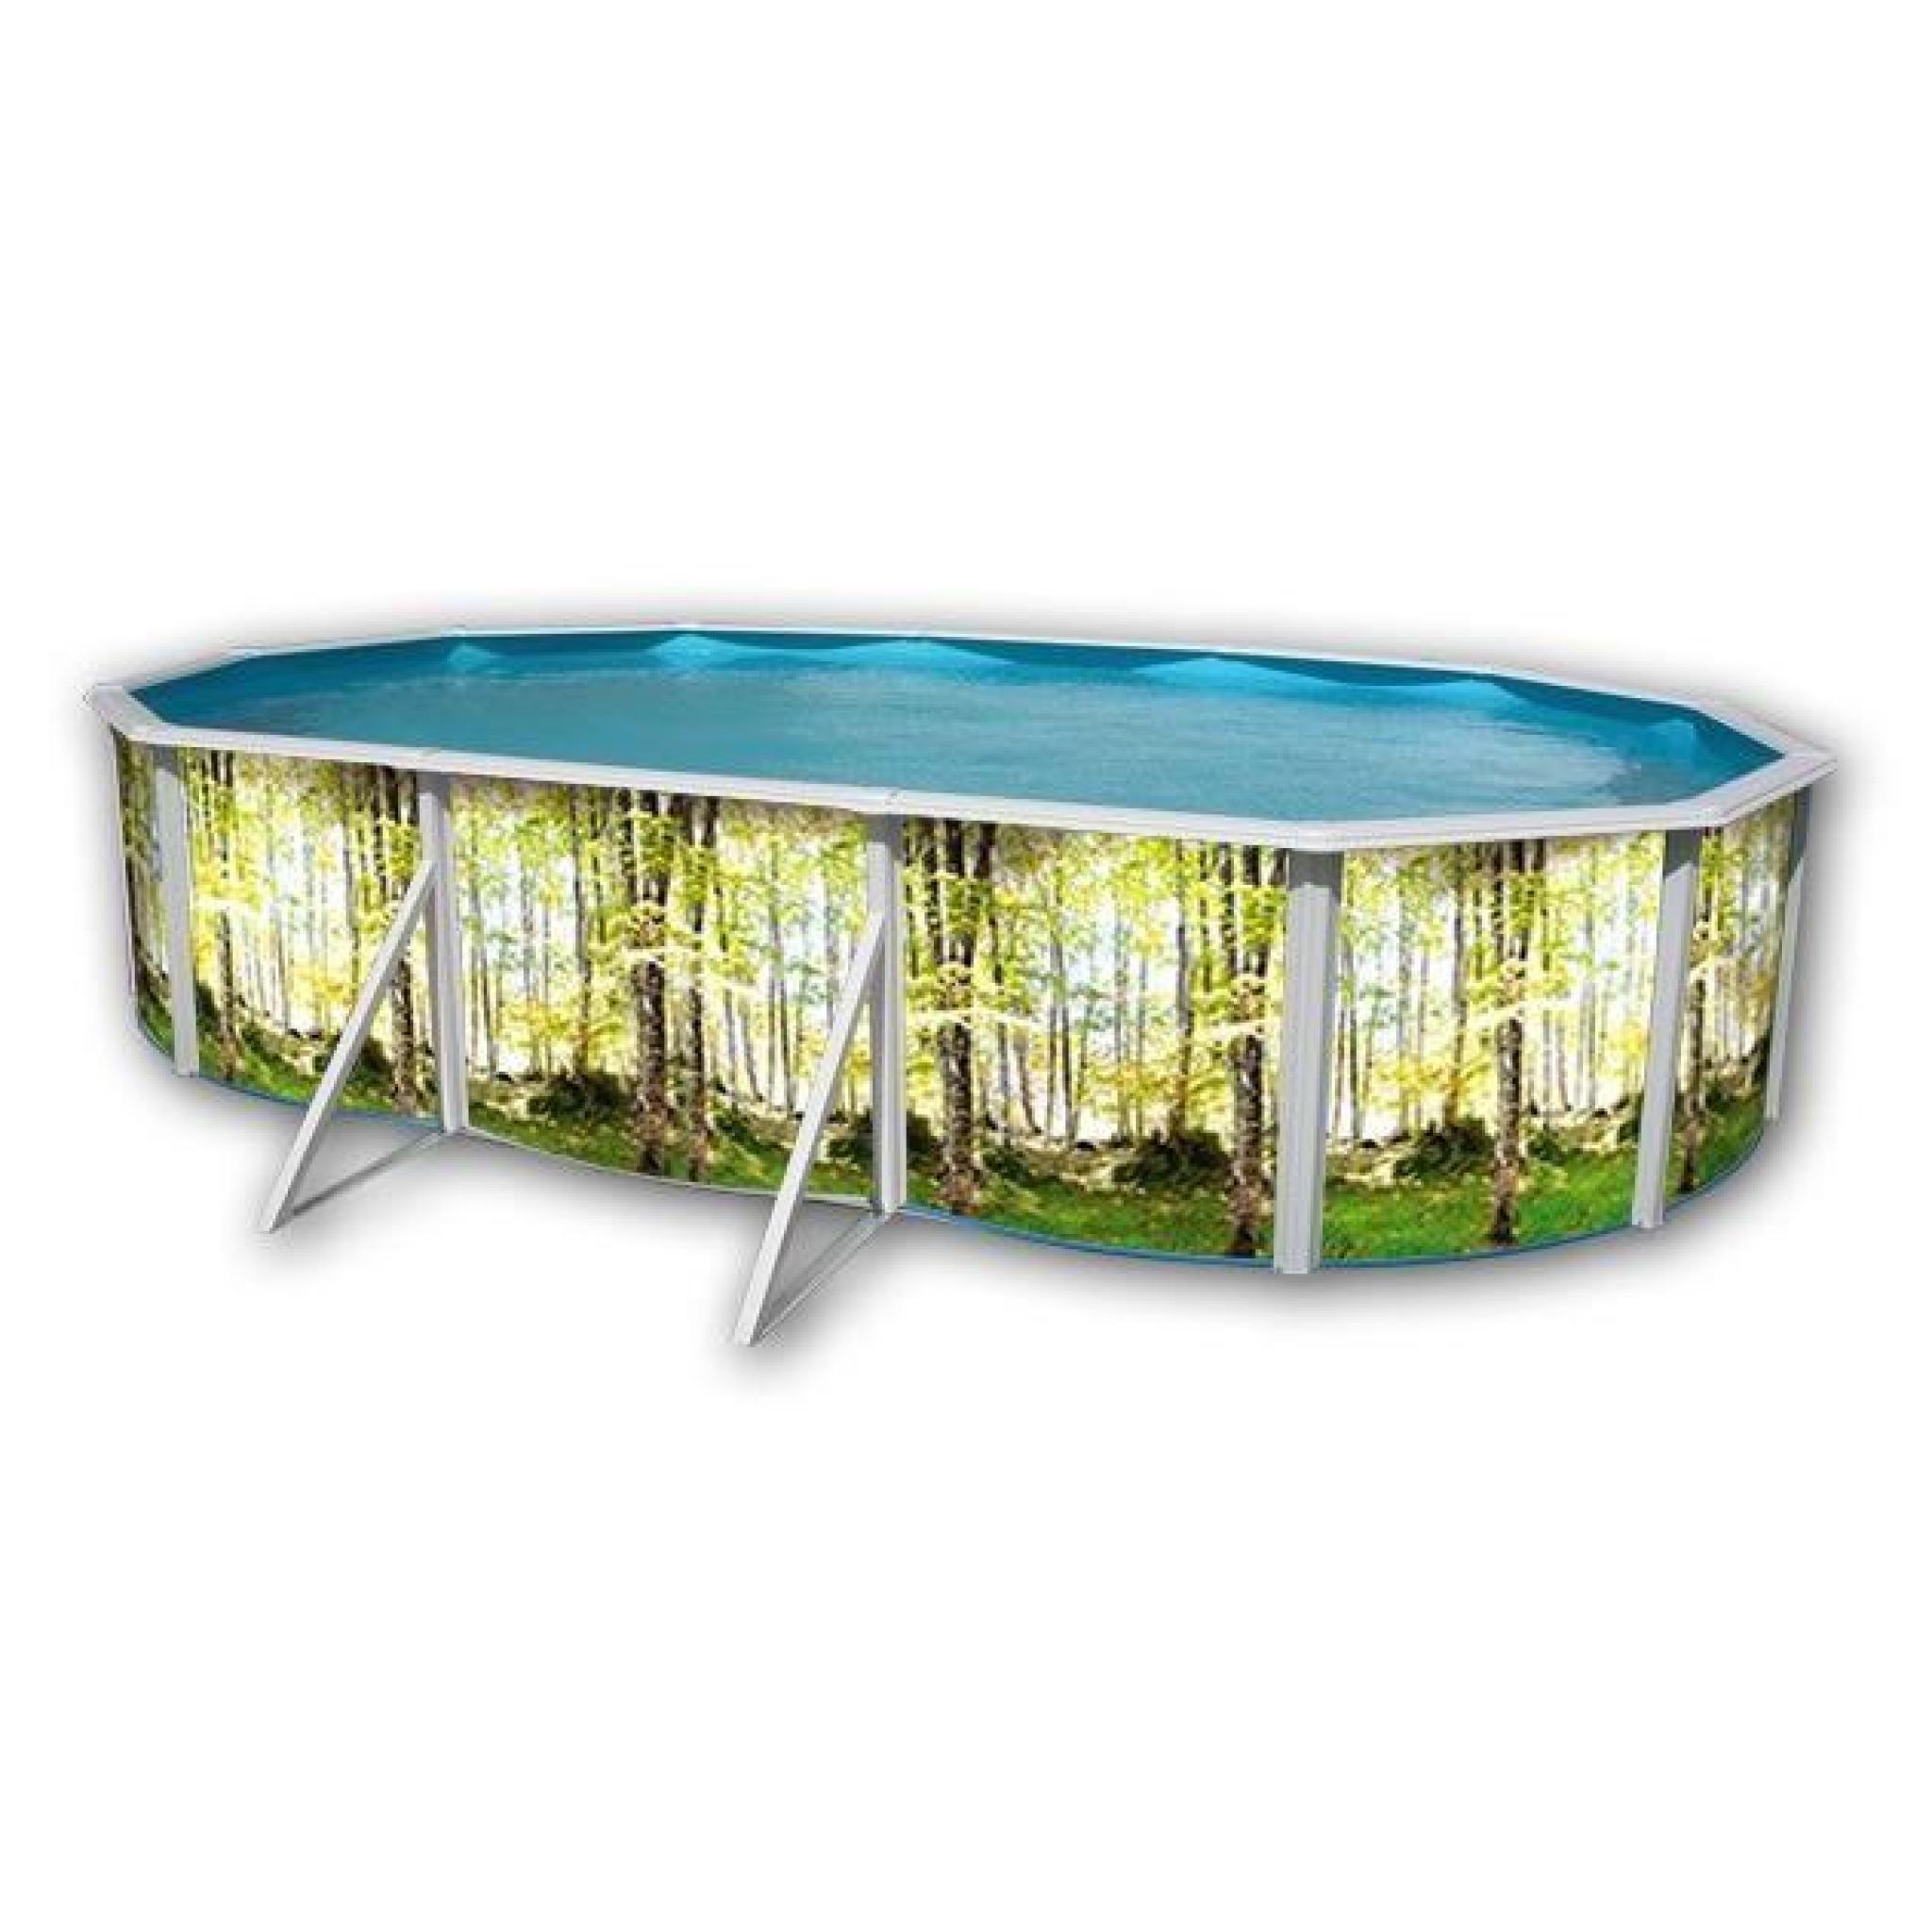 For t piscine en acier ovale 550x366x120 achat vente for Piscine en acier hors sol pas cher